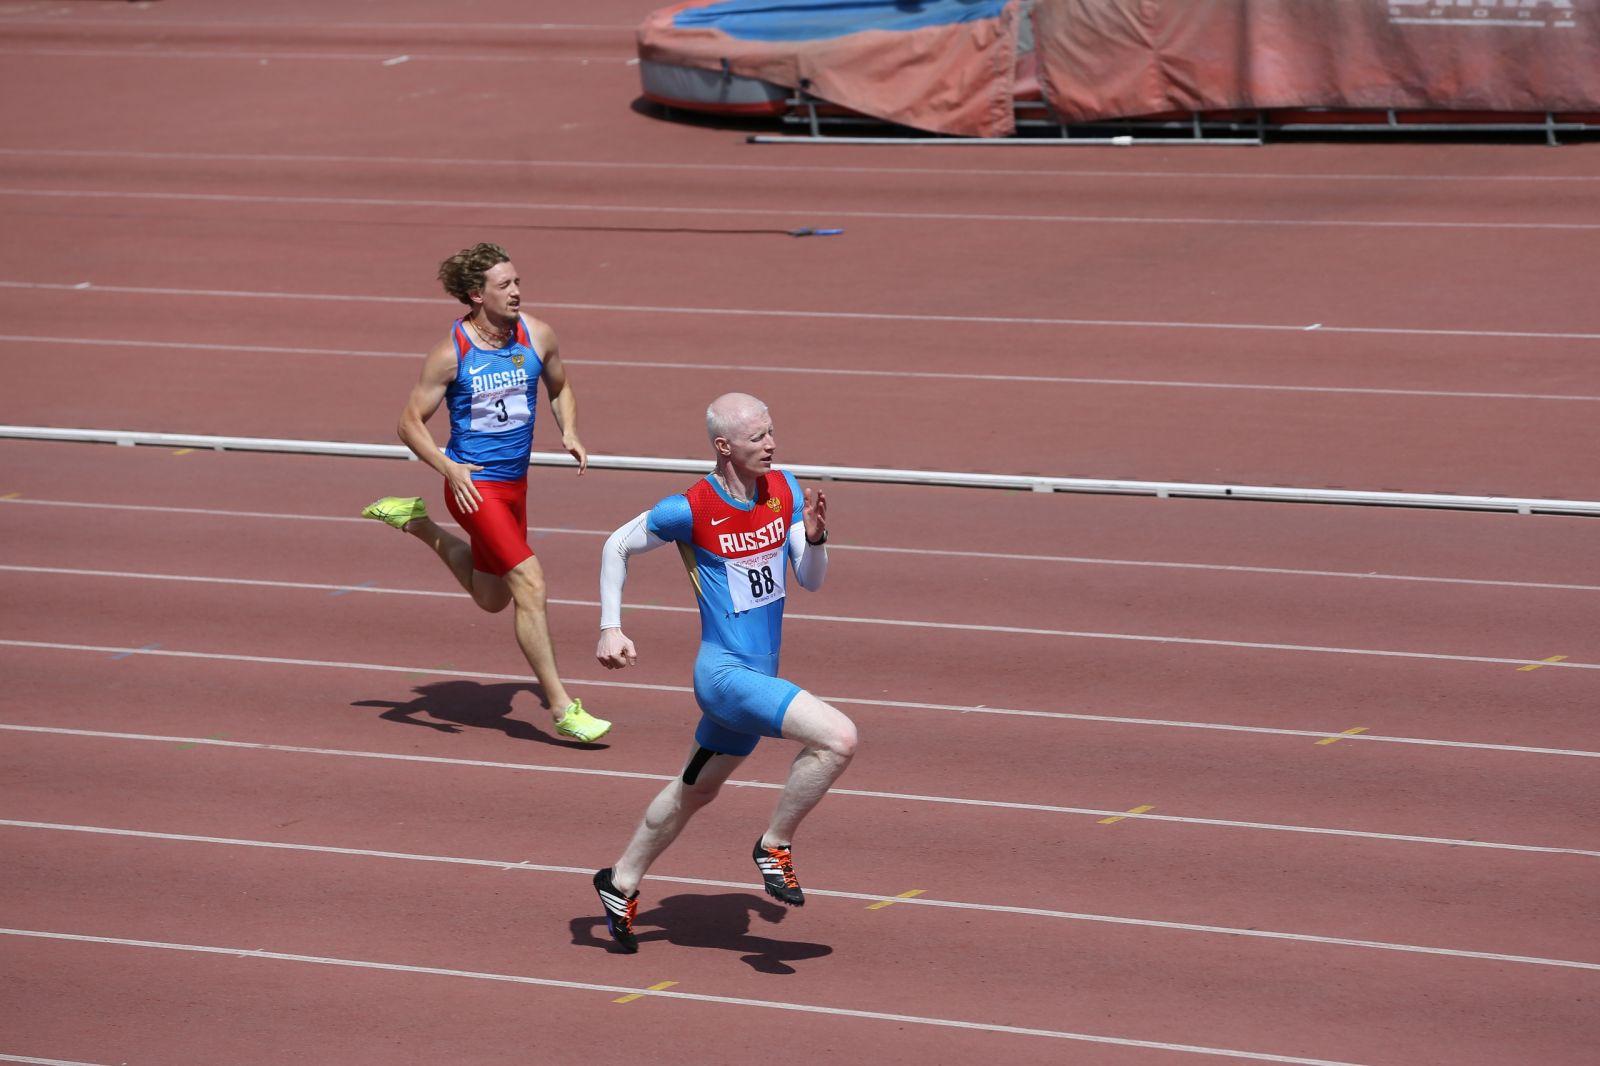 В Челябинске завершился чемпионат России по легкой атлетике спорта лиц с нарушением зрения